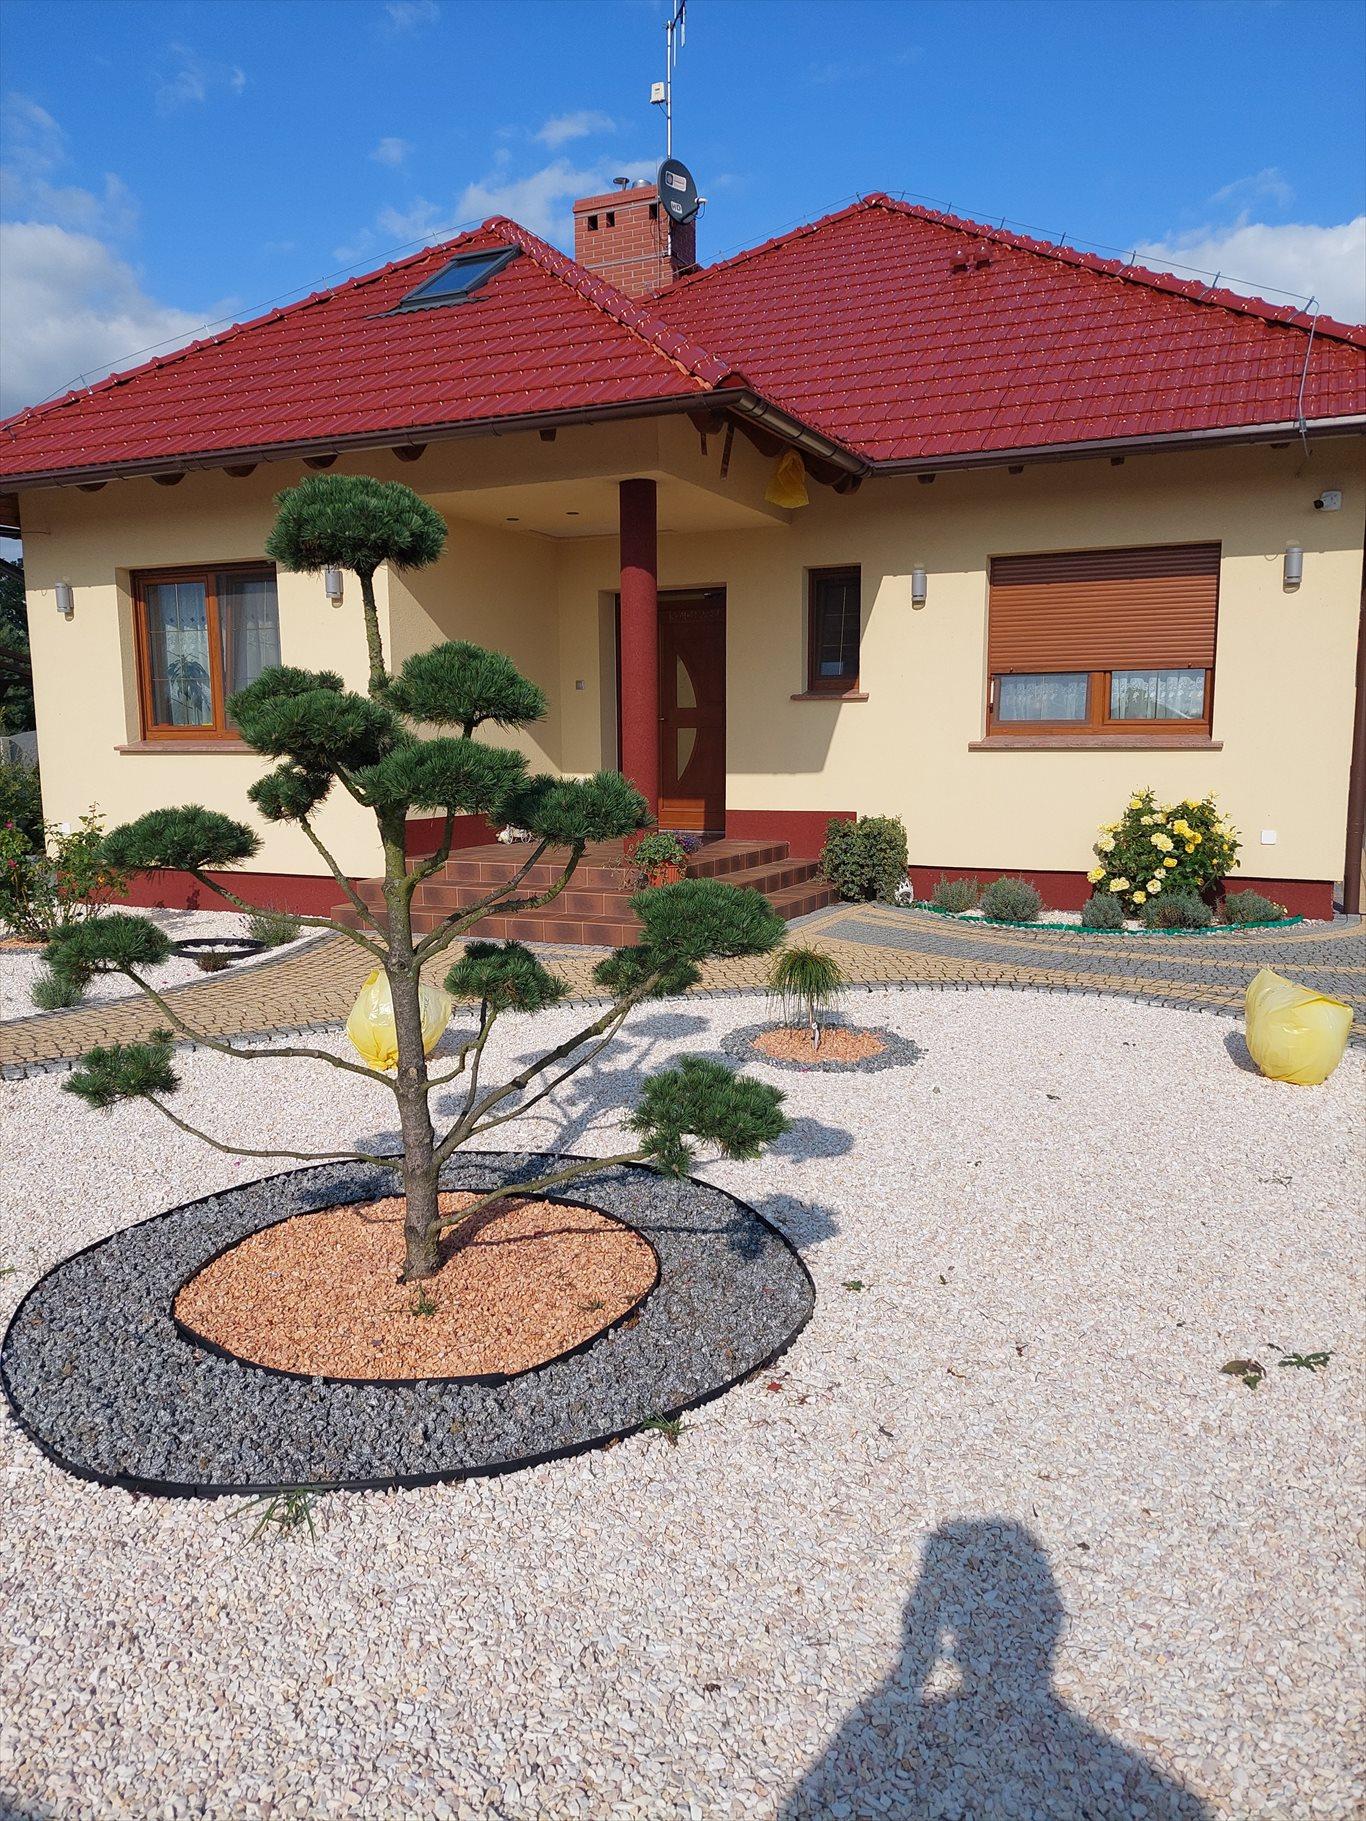 Dom na sprzedaż Milicz, Gogołowice 19c  100m2 Foto 2